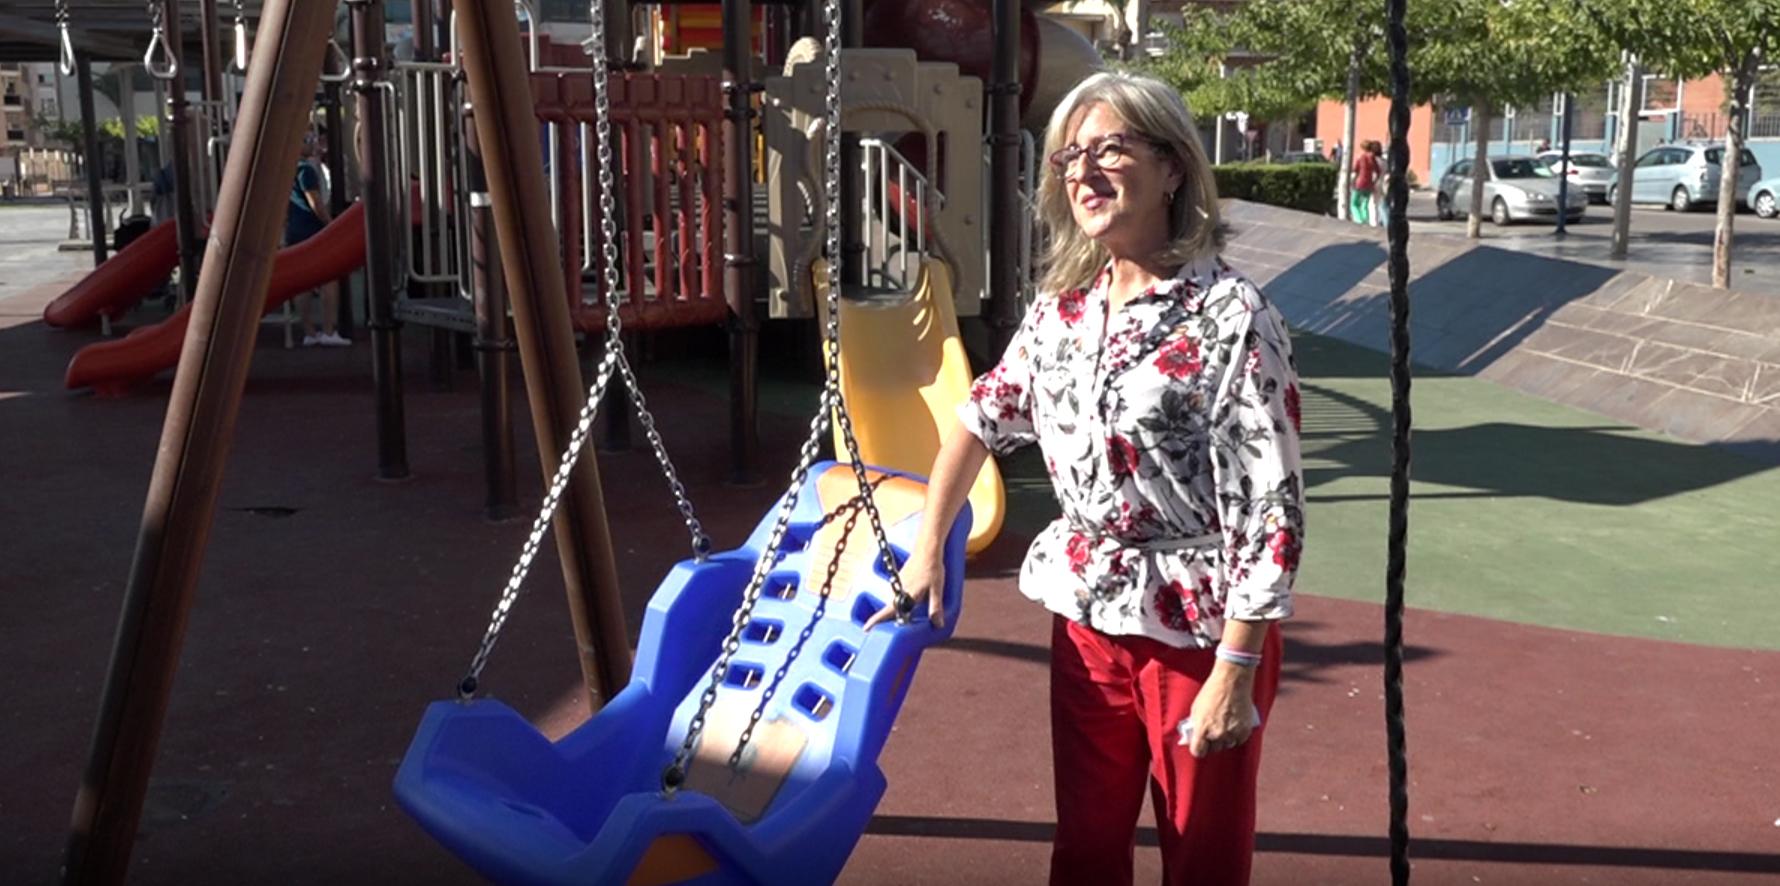 Benicarló, l'Ajuntament instal·la gronxadors adaptats als parcs infantils